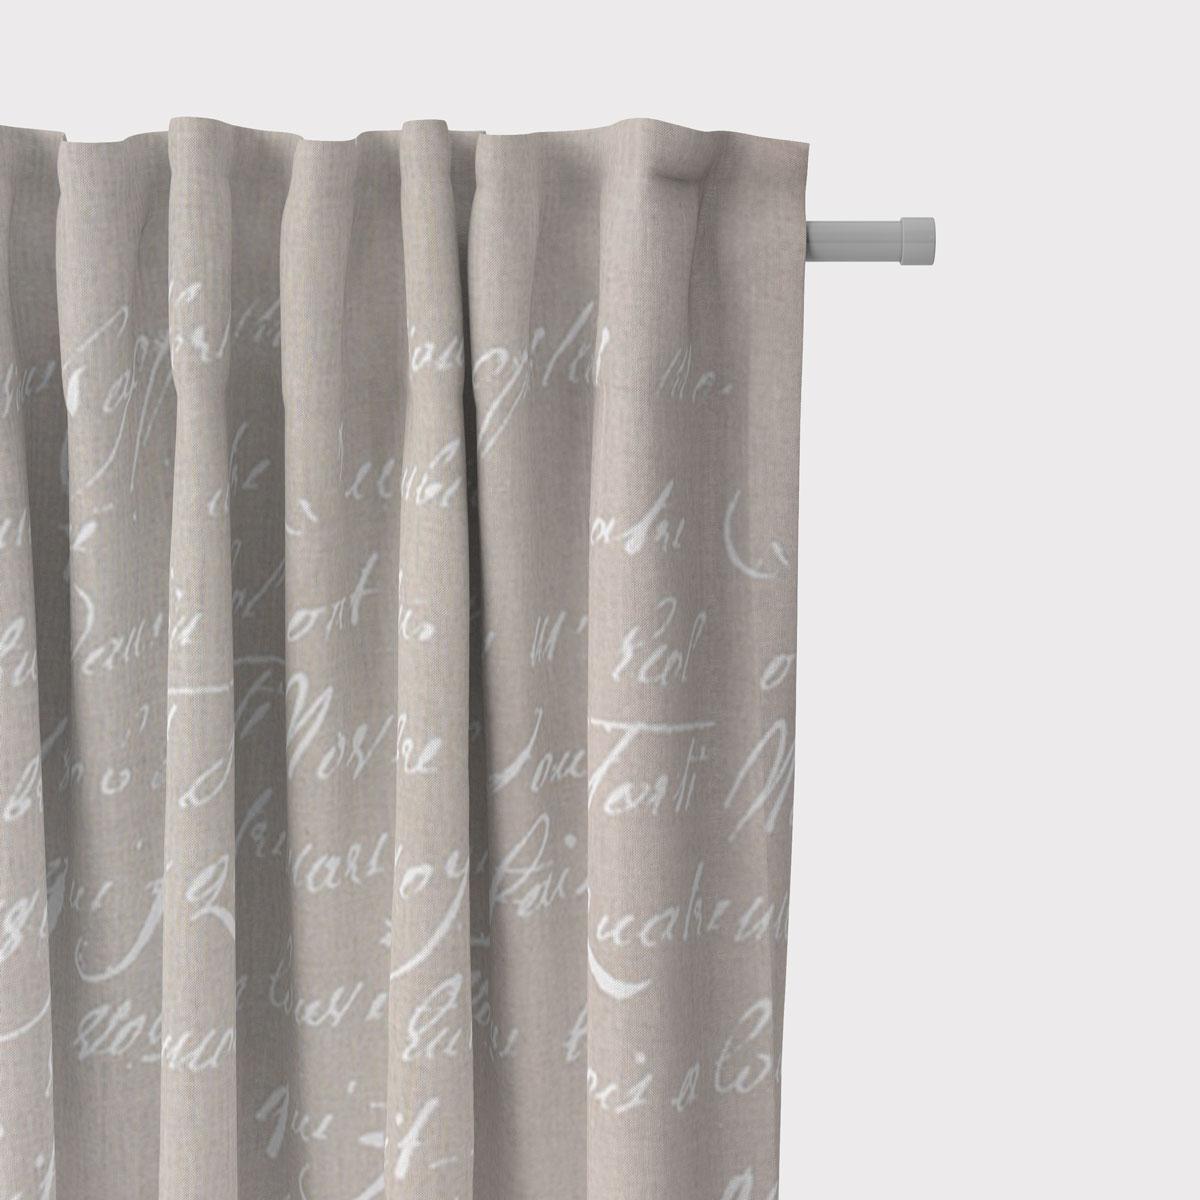 Full Size of Vorhänge Schner Leben Leinen Vorhang Vorhangschal Mit Smok Schlaufenband Schlafzimmer Küche Wohnzimmer Wohnzimmer Vorhänge